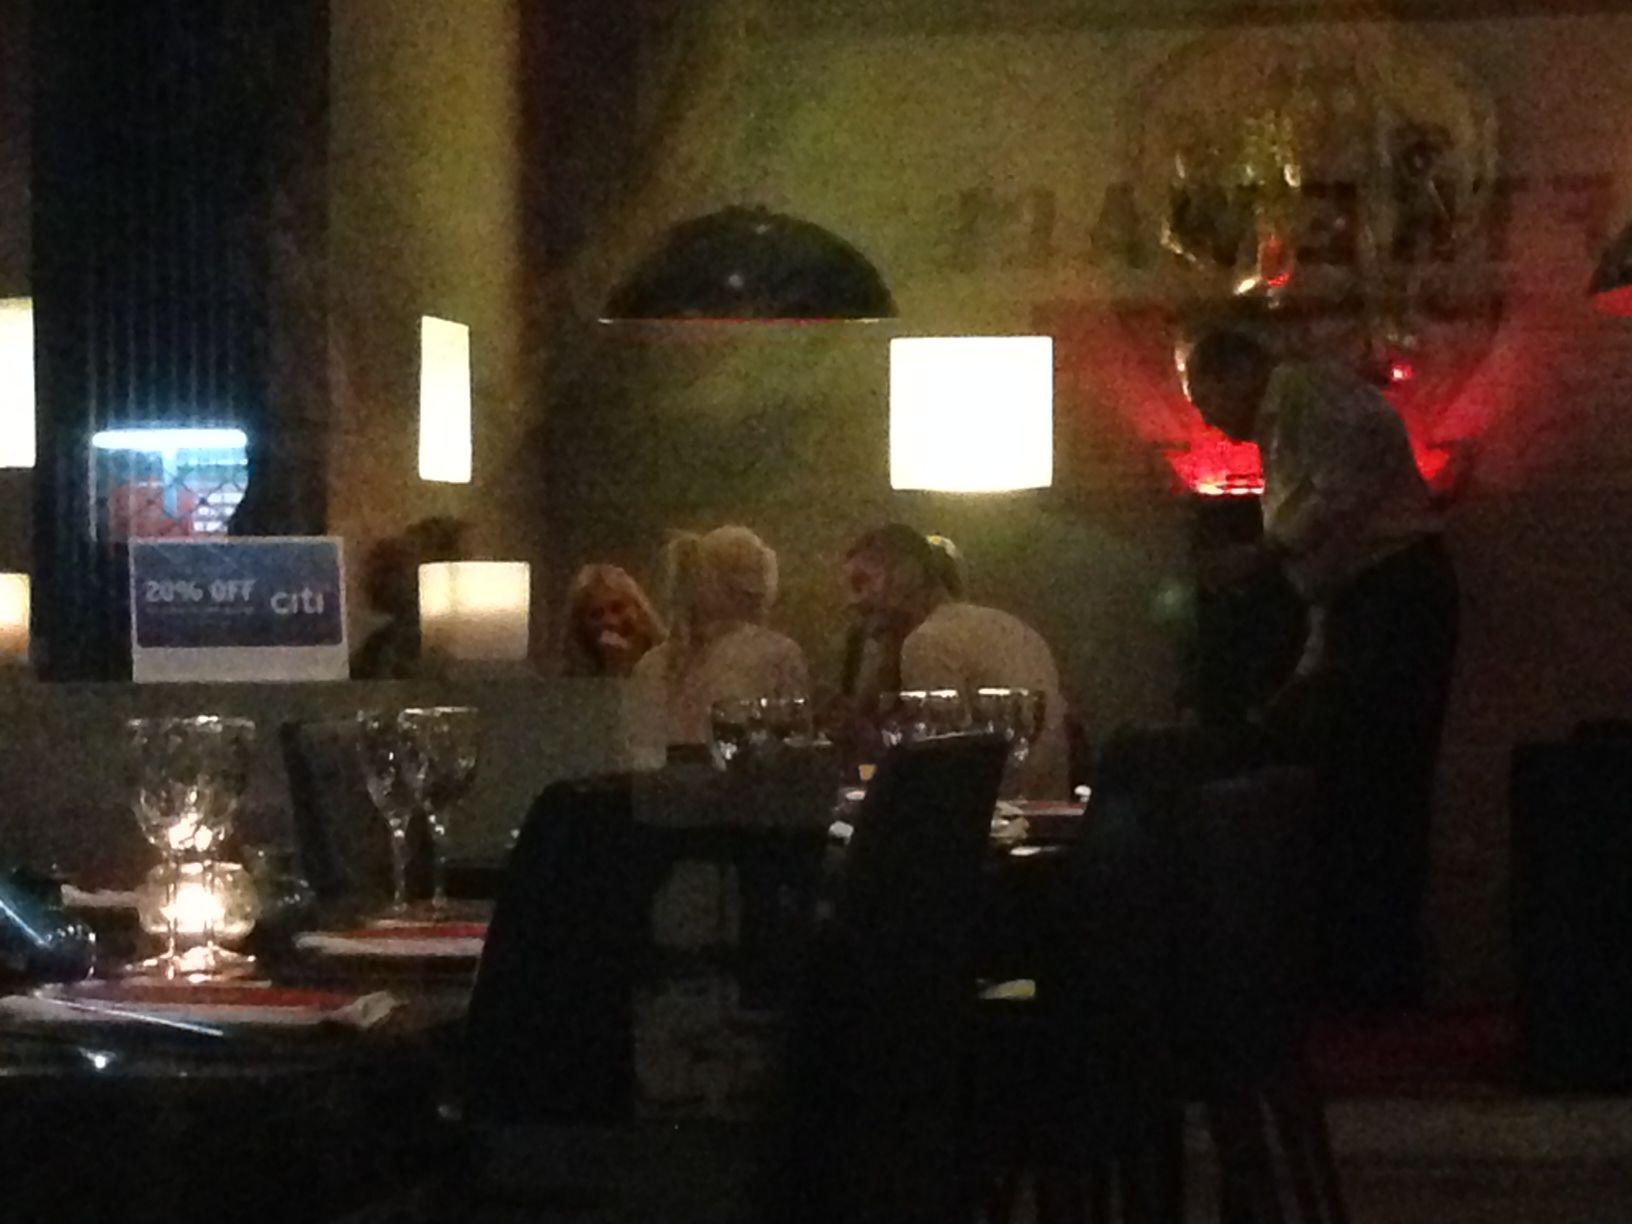 Los cholulos de siempre: Recién casados, Wanda y Mauro cenaron en Palermo